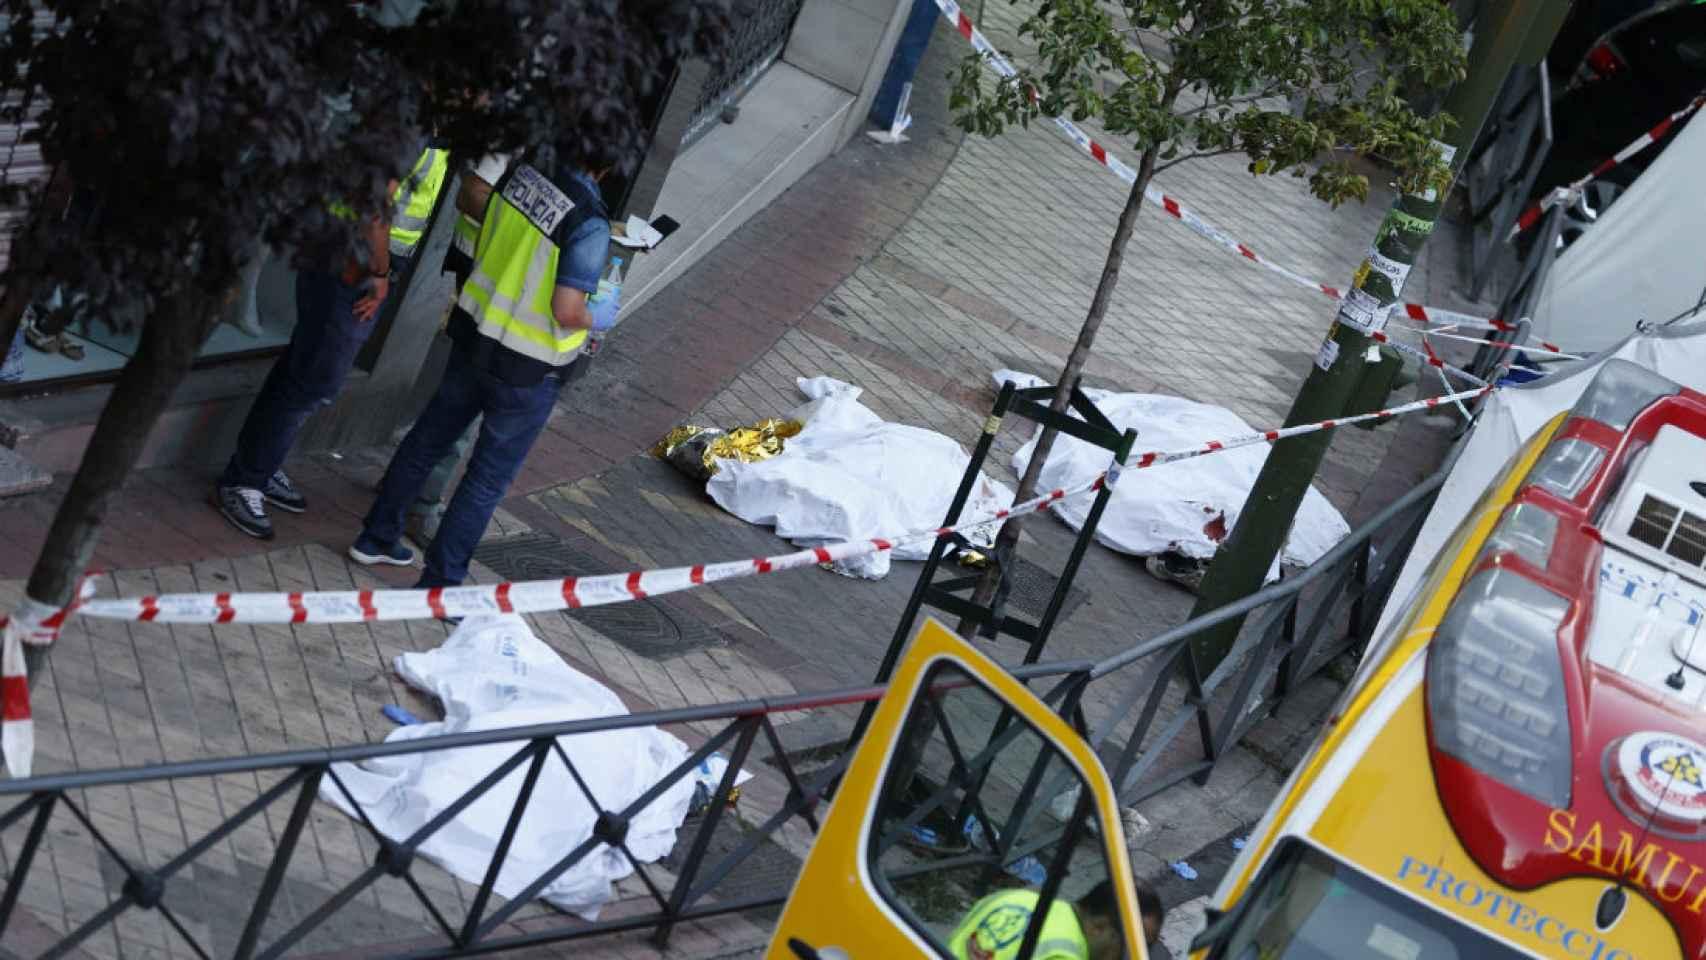 Los cadáveres de las tres personas halladas muertas en el despacho de abogados.